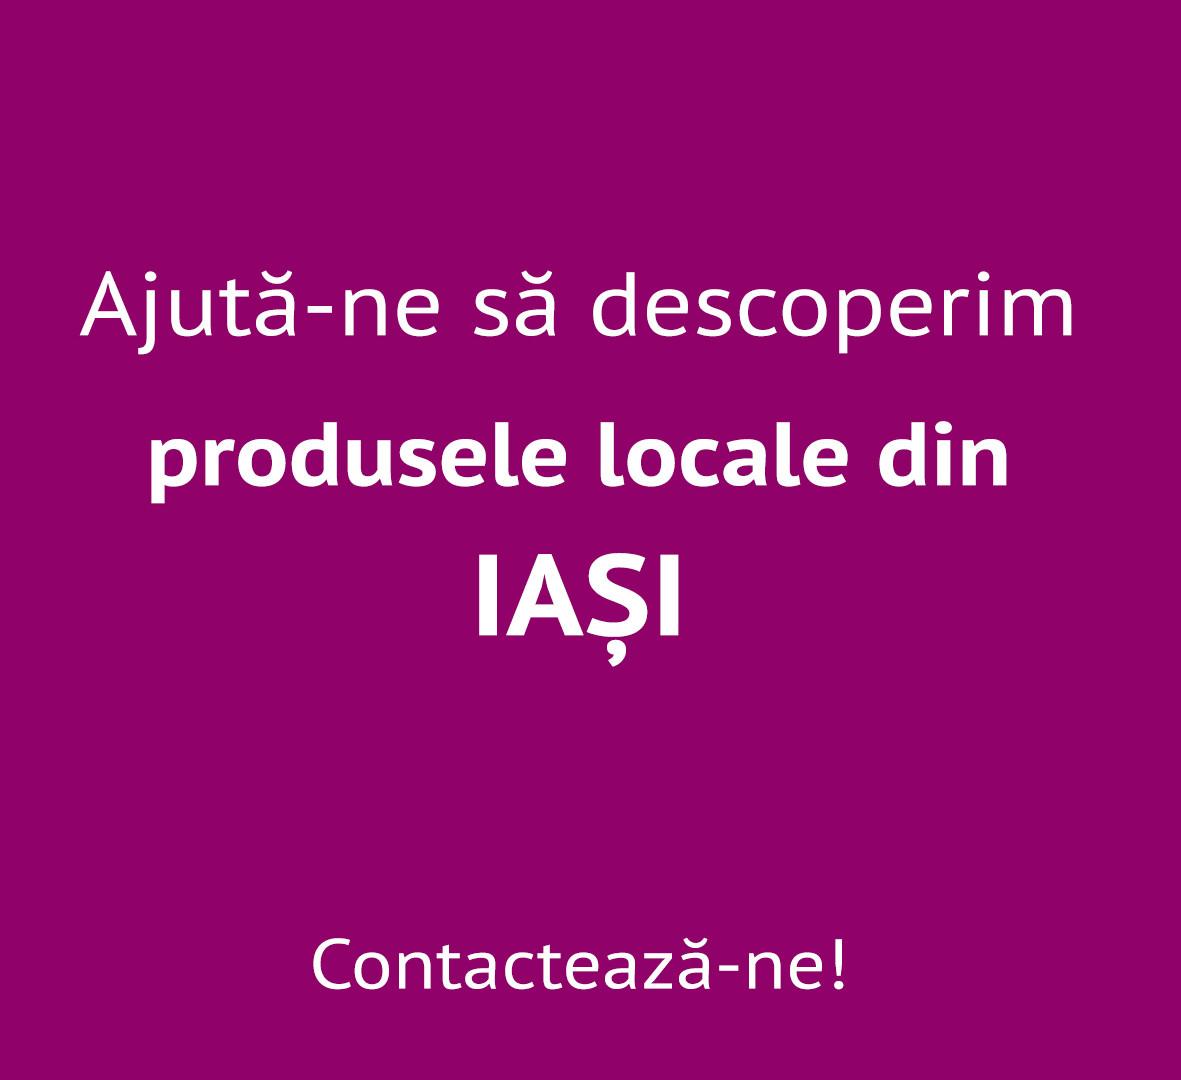 Vrem să descoperim produsele locale din Iași.